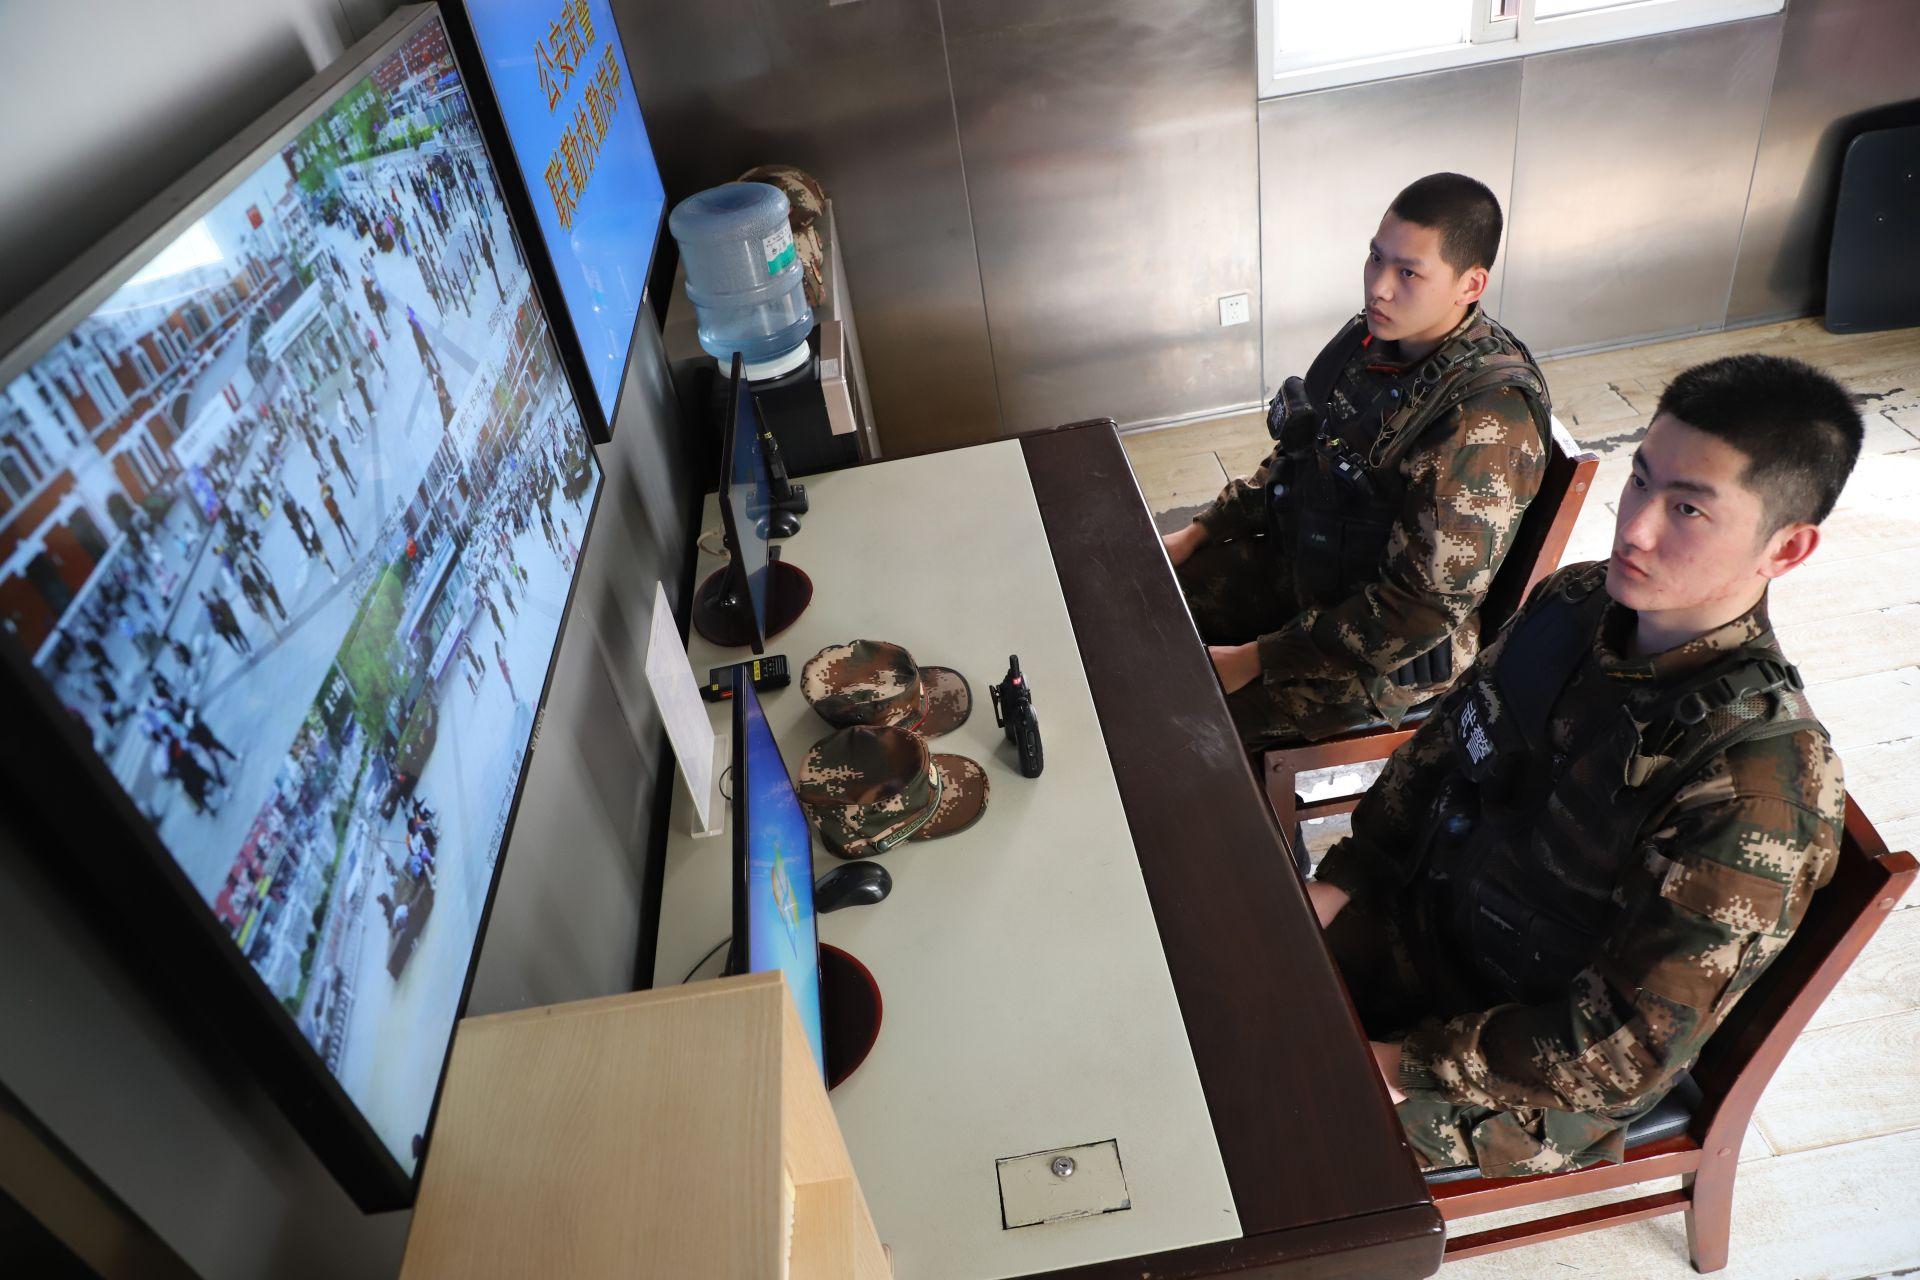 五一小长假 武警沈阳支队官兵全时坚守战位保安全插图